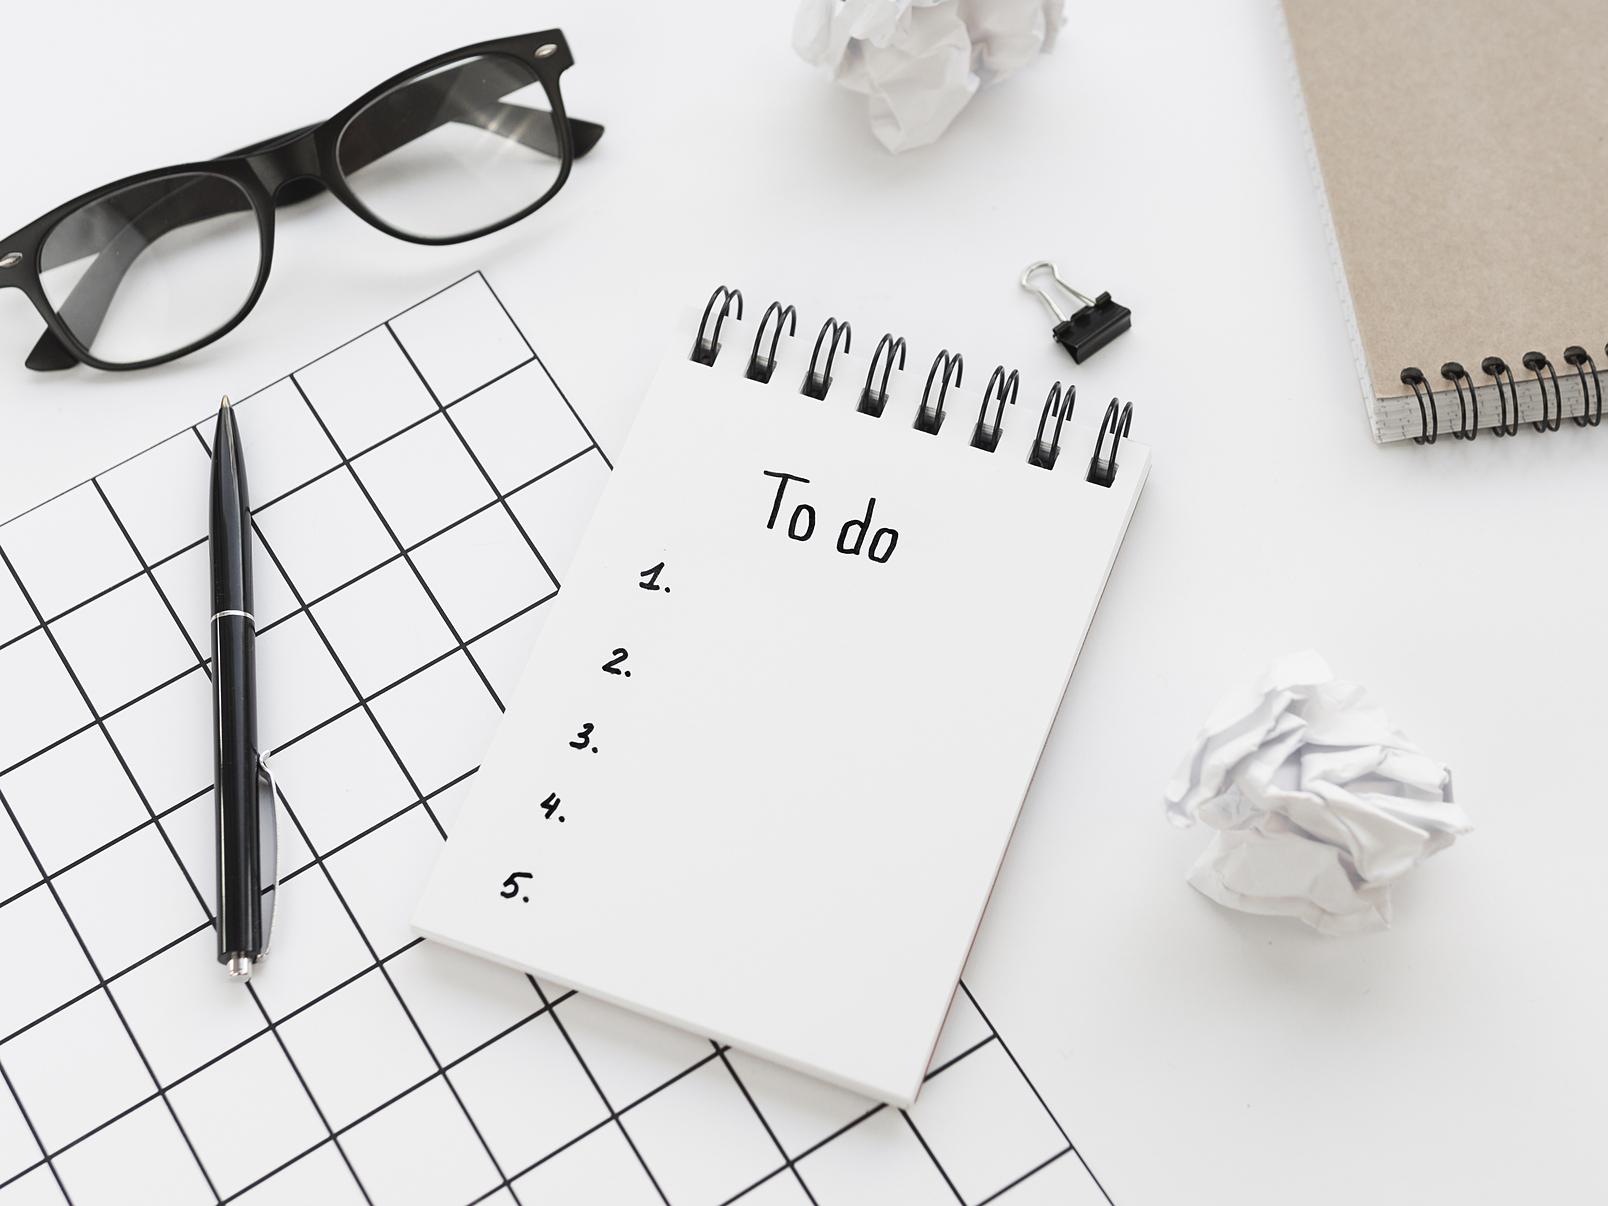 Xác định mục tiêu đóng vai trò quan trọng trong việc chuyển nghề. Ảnh minh họa: Freepik